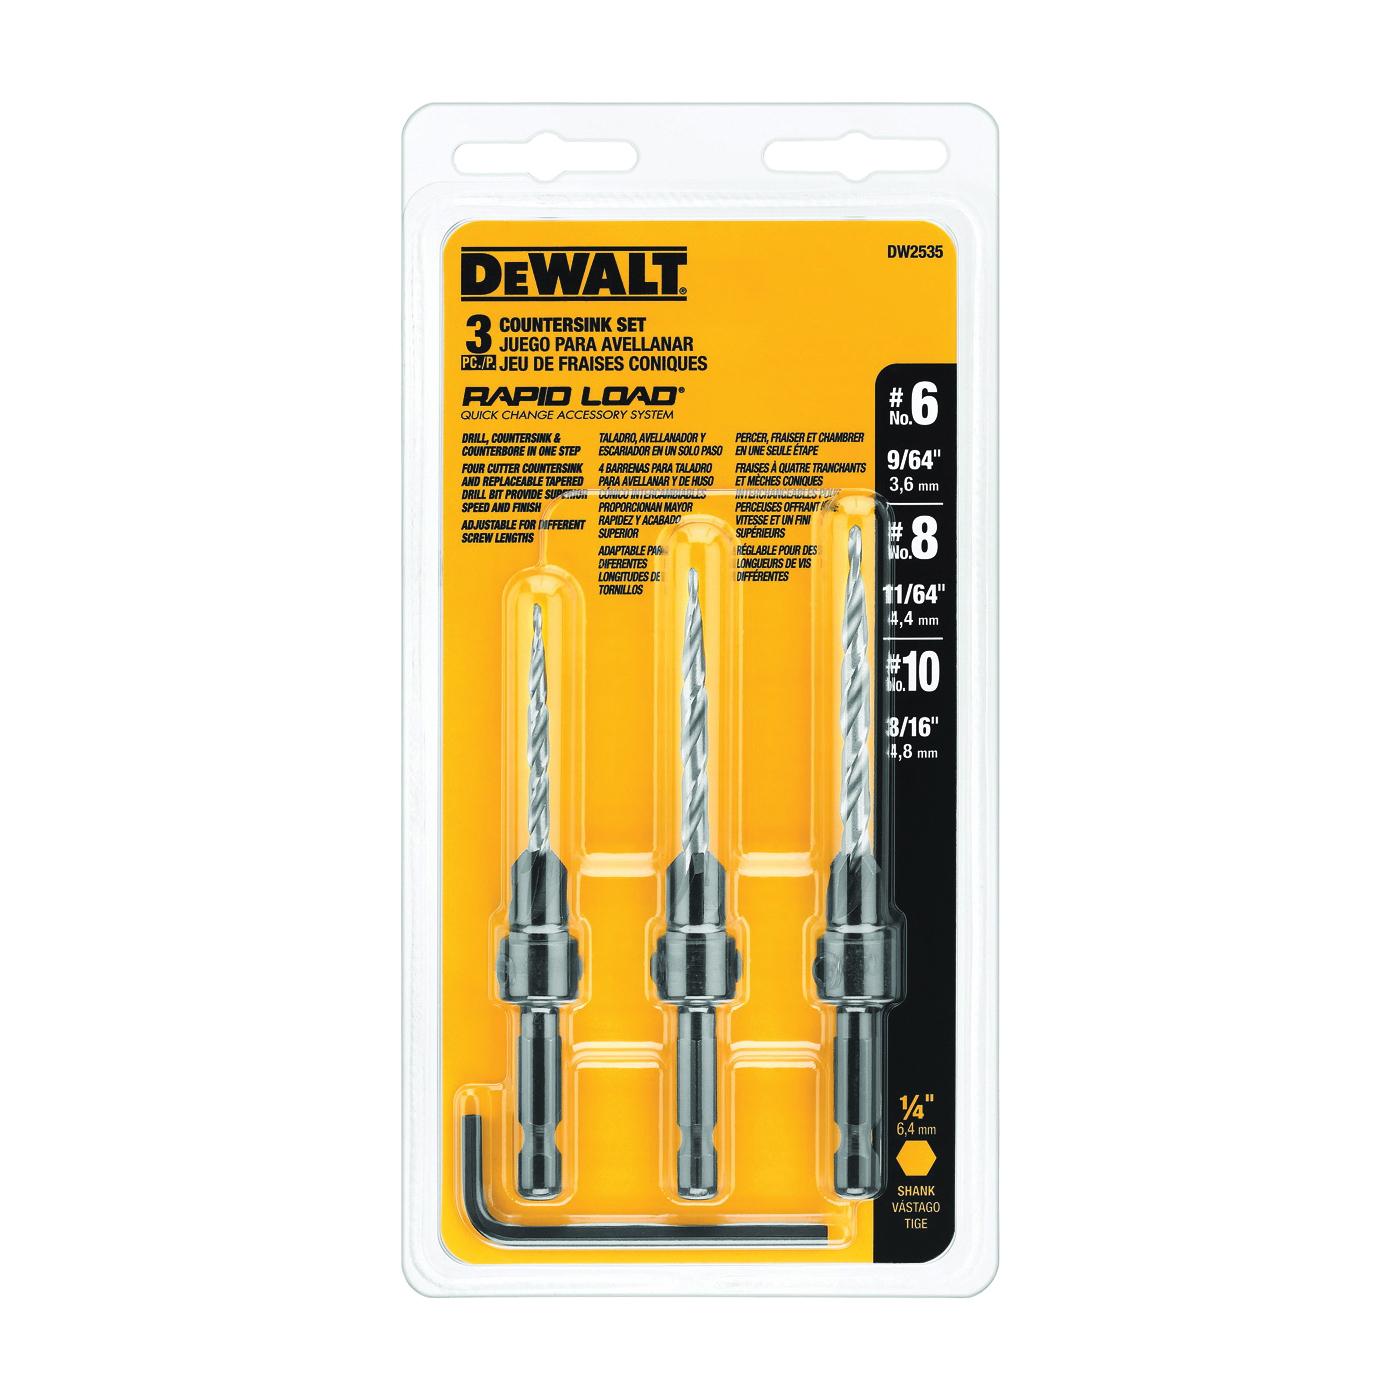 Picture of DeWALT DW2535 Countersink Set, 3 -Piece, HSS